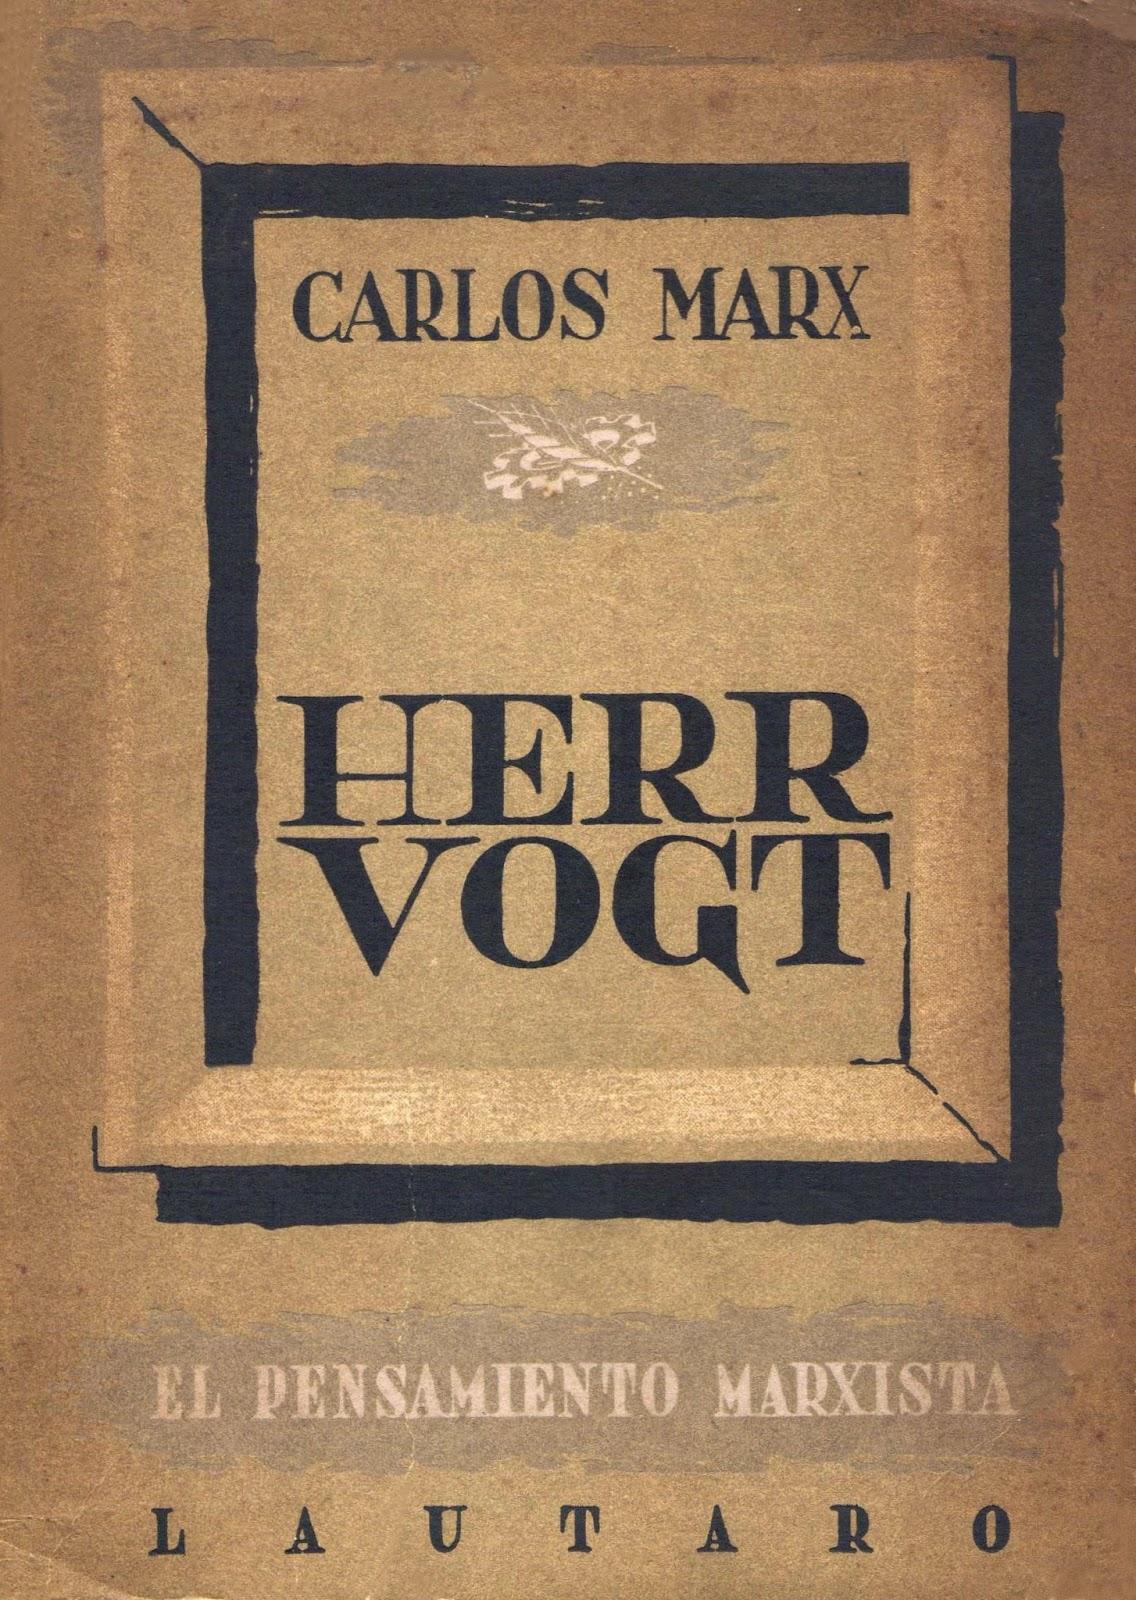 «Herr Vogt», libro de Carlos Marx por primera vez en internet en castellano - en formatos digitales doc, epub y mobi - incluye artículo de Federico Engels TAPA